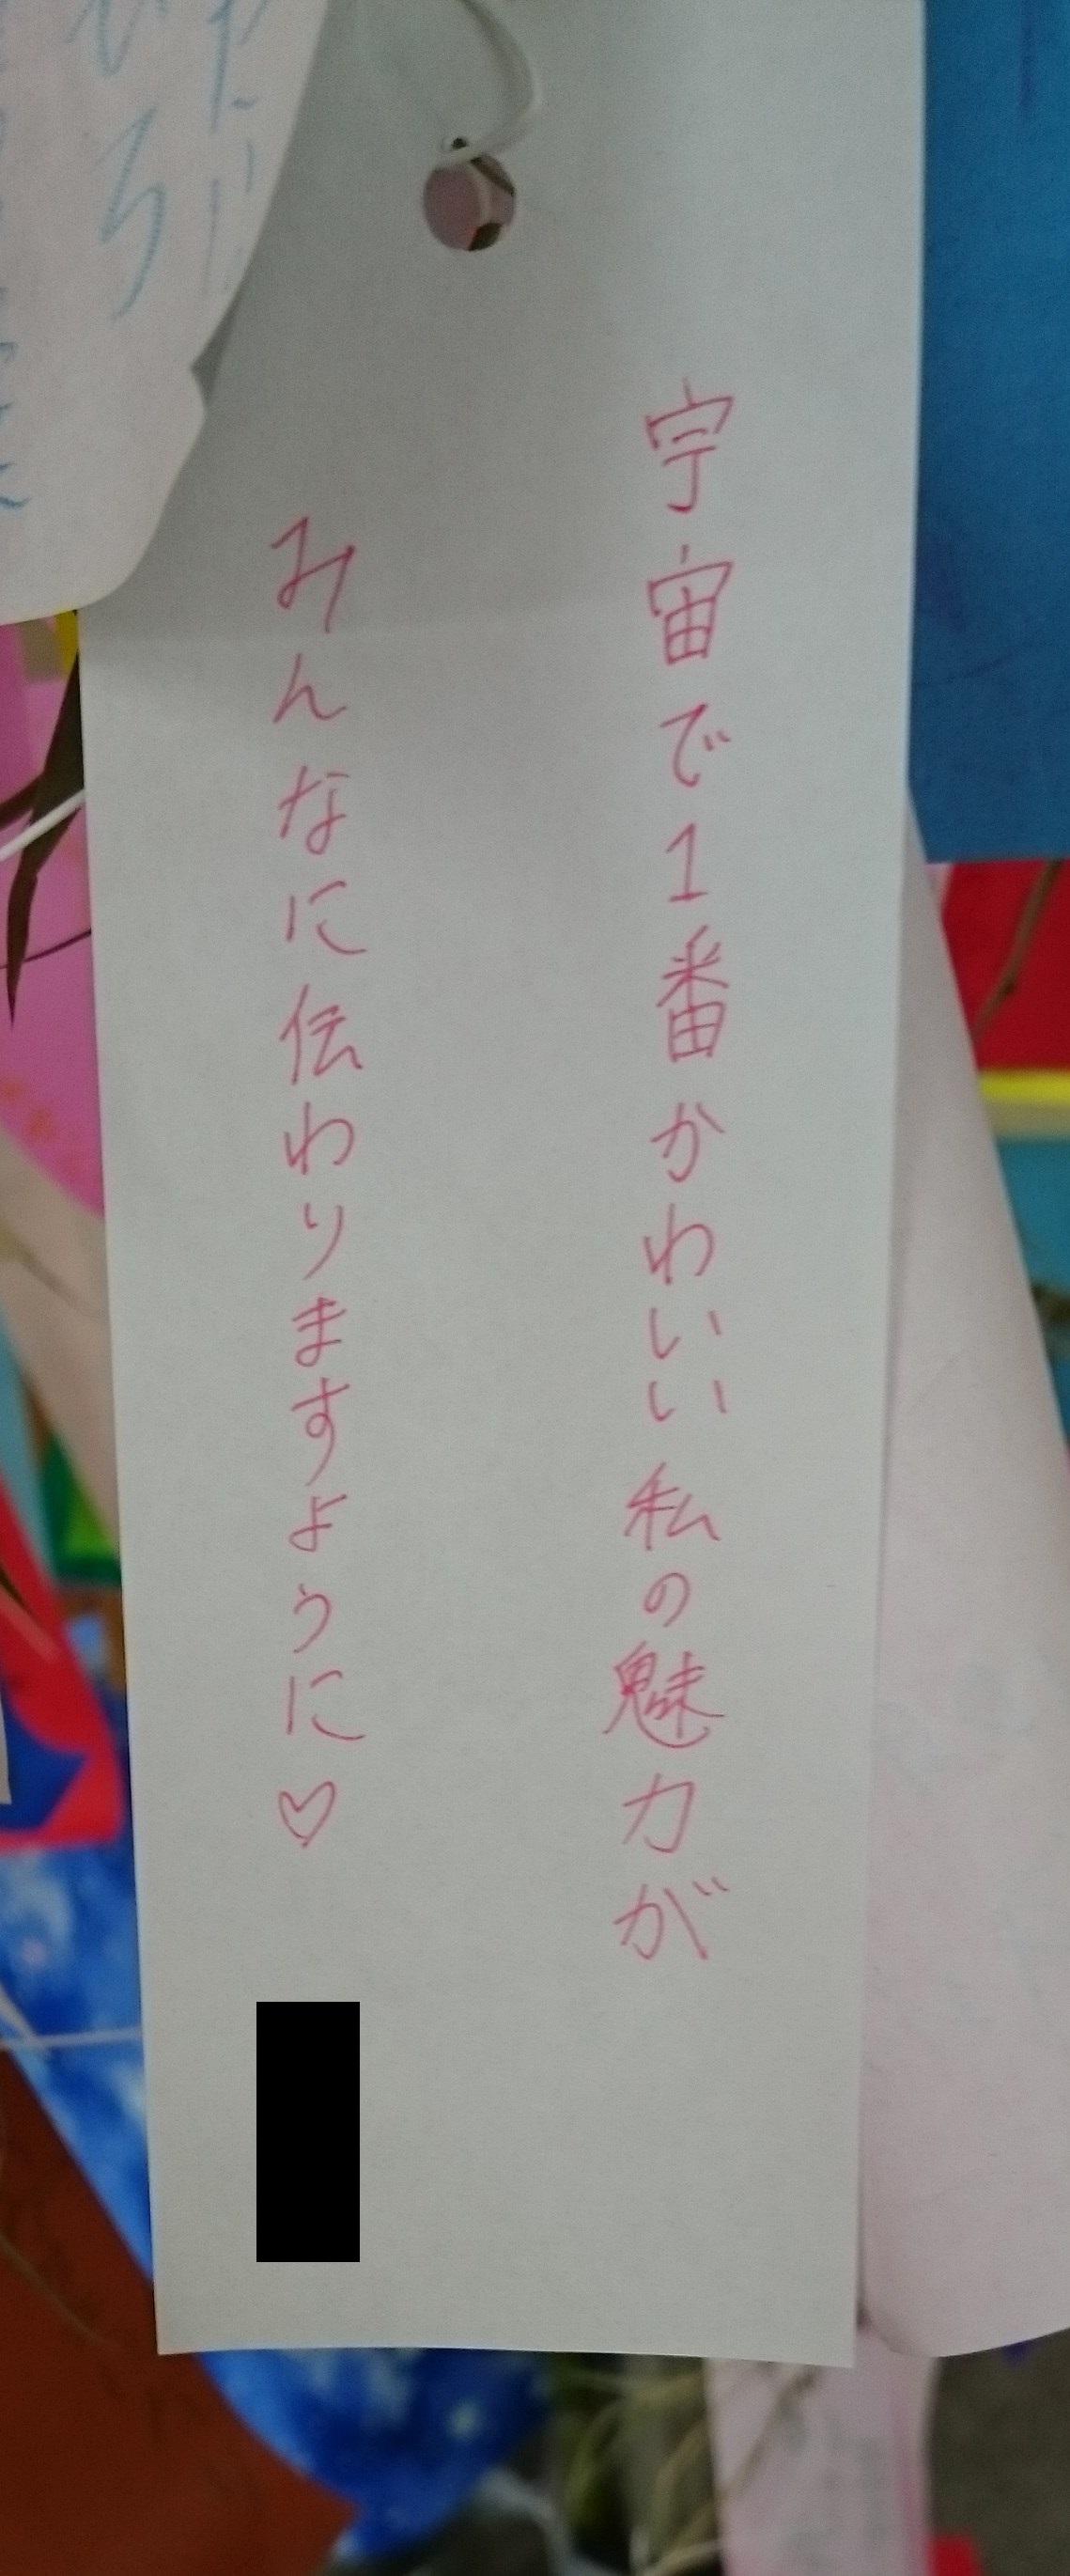 DSC_0014 - コピー